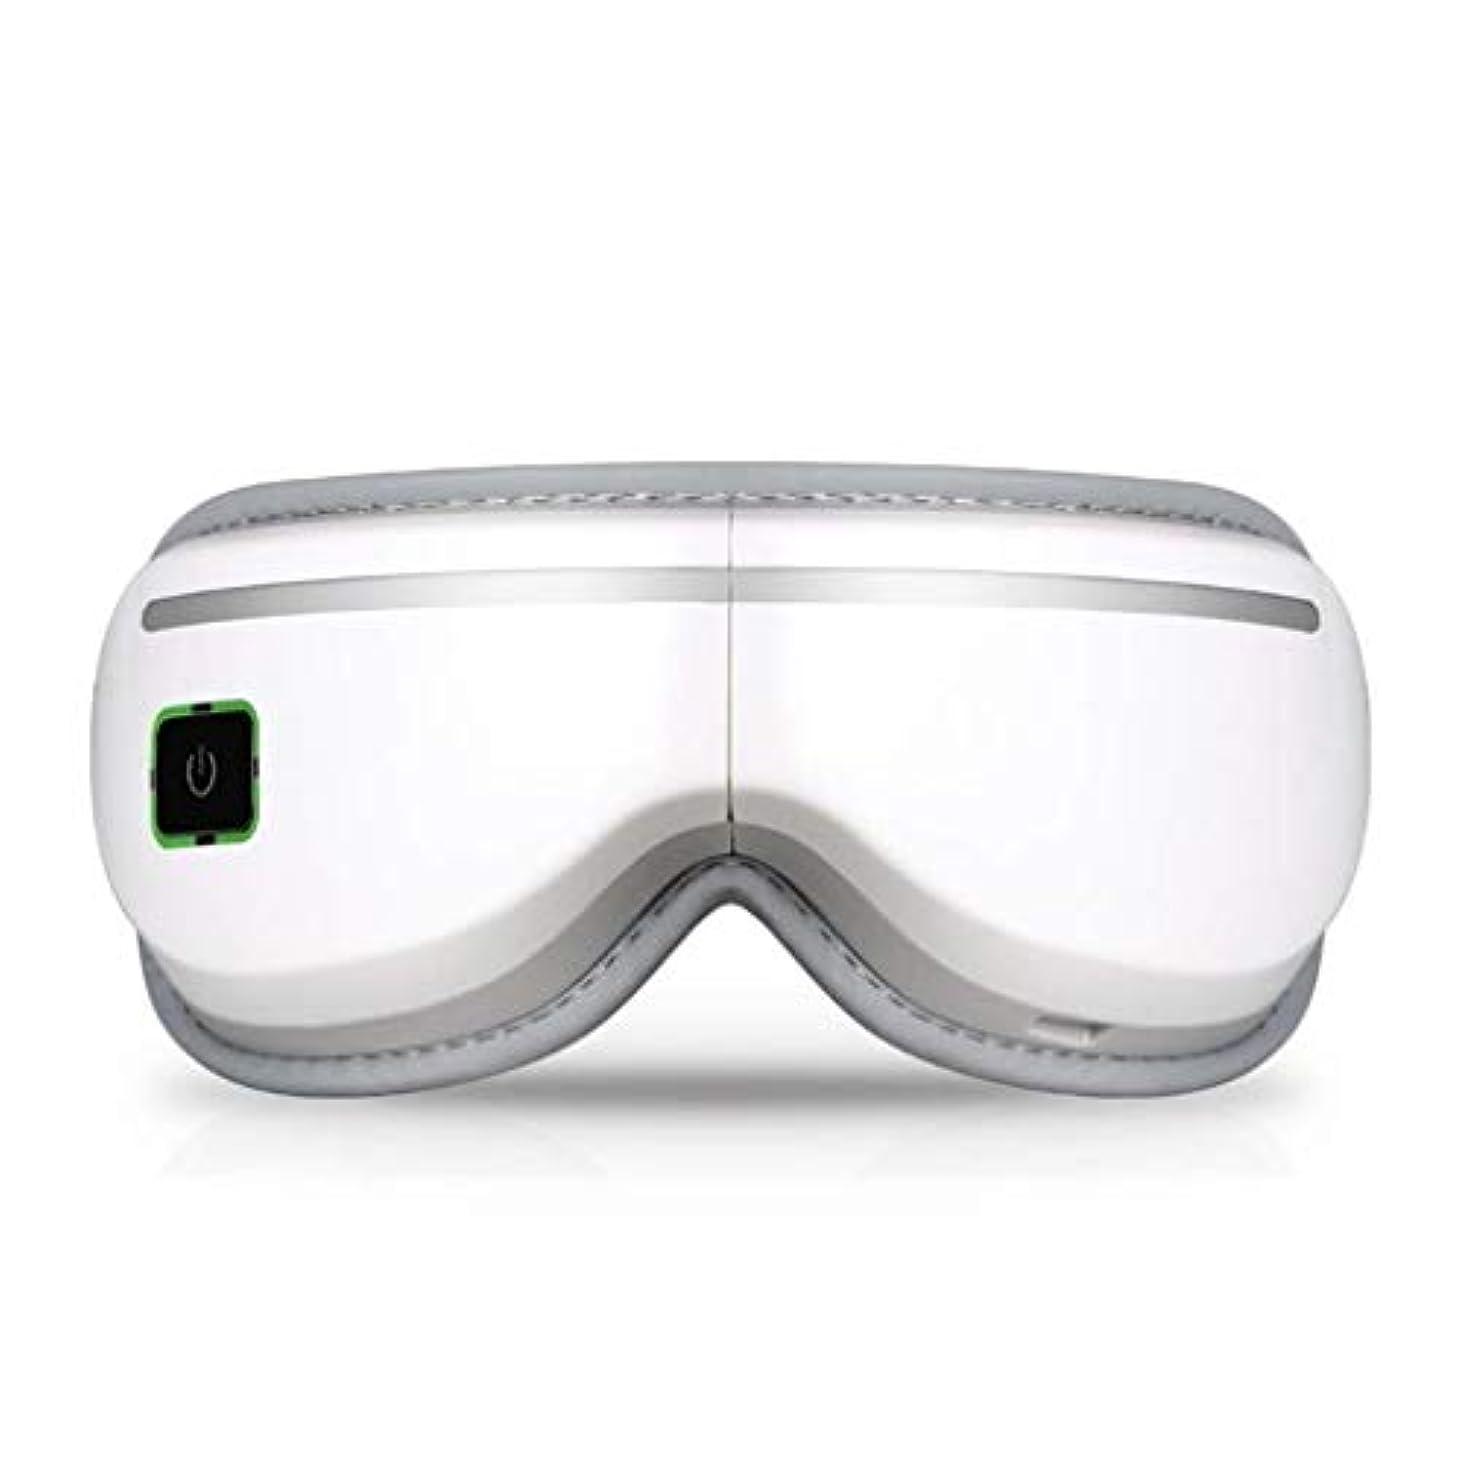 であること理解する山積みのアイマッサージャー、電動アイマッサージアイマスク、音楽/加熱/圧縮/空気圧/振動アイケア、マッサージリモート、旅行オフィスファミリーカー